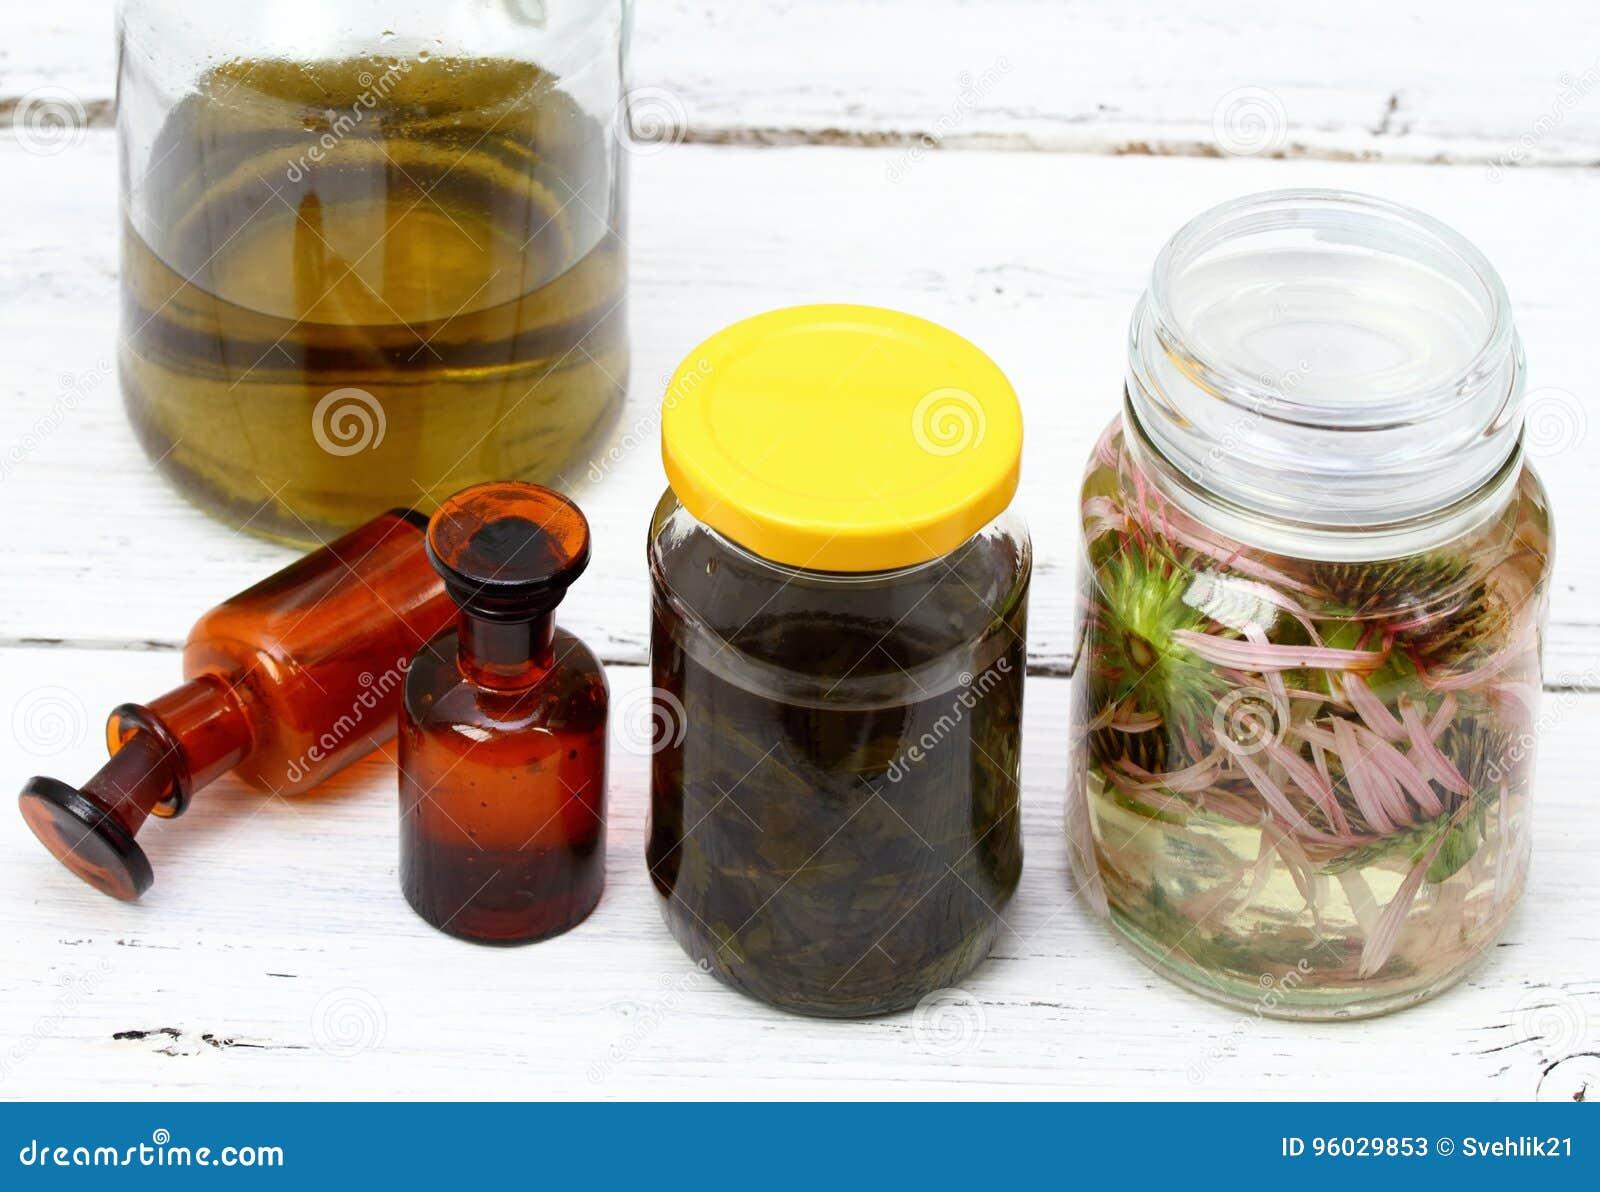 Domowej roboty alternatywna medycyna, Echinacea tincture i ziołowy olej w przodzie,